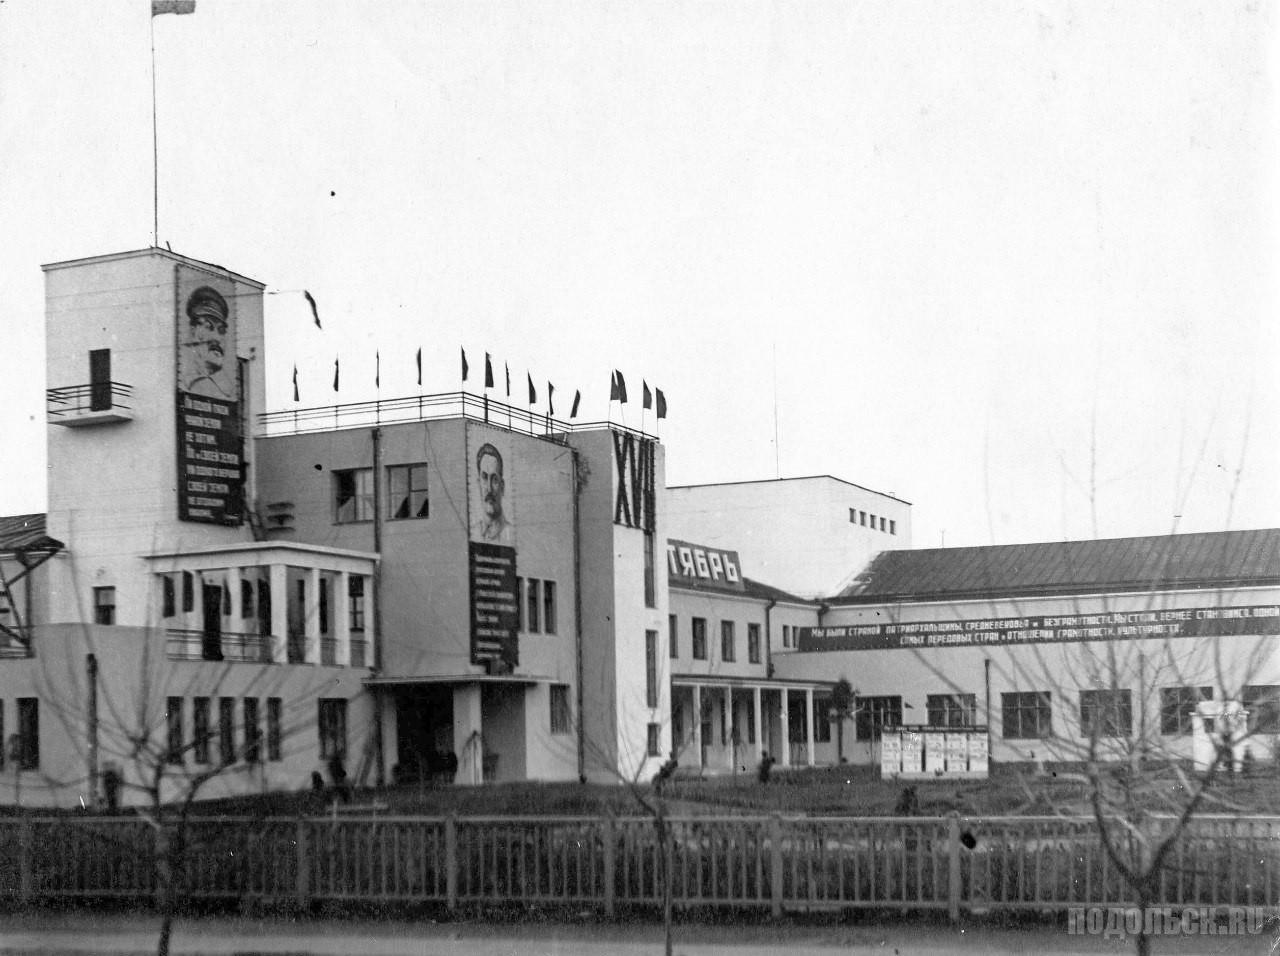 Вид на клуб имени Лепсе. Празднование 17-й годовщины Великой Октябрьской Социалистической революции, 1934 год.